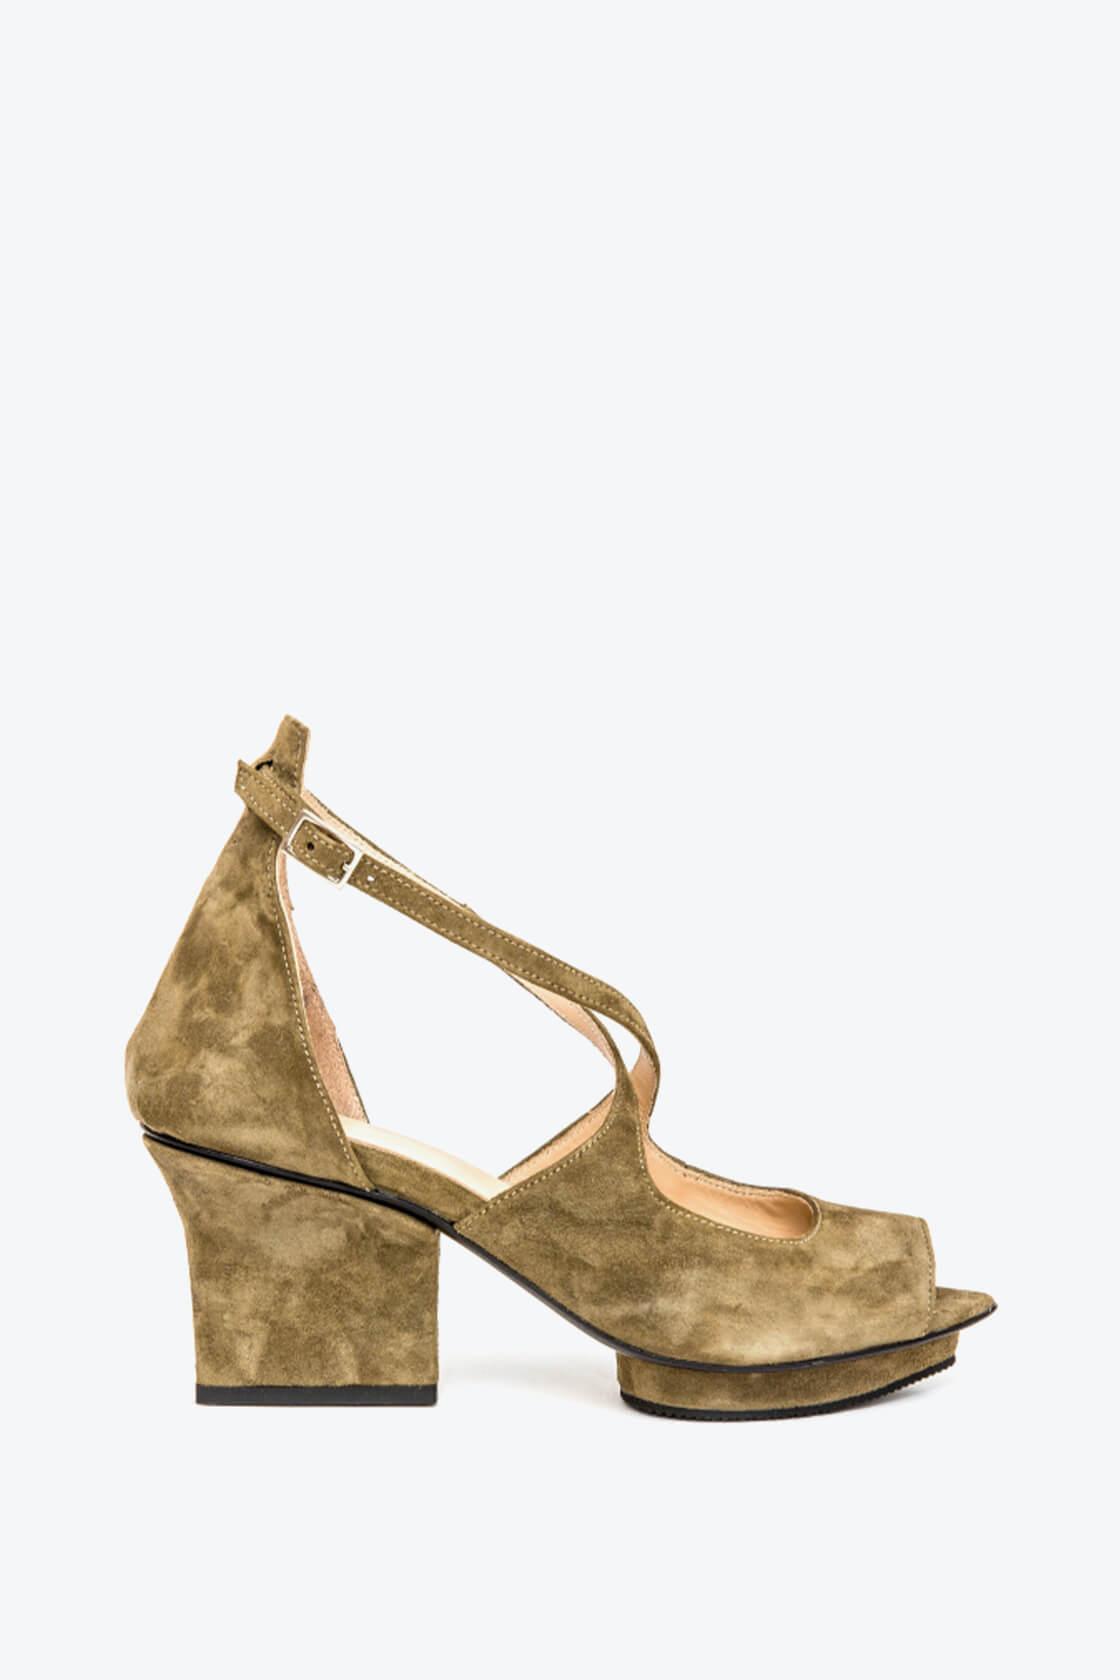 EJK0000074 Sammy sandals olive 1